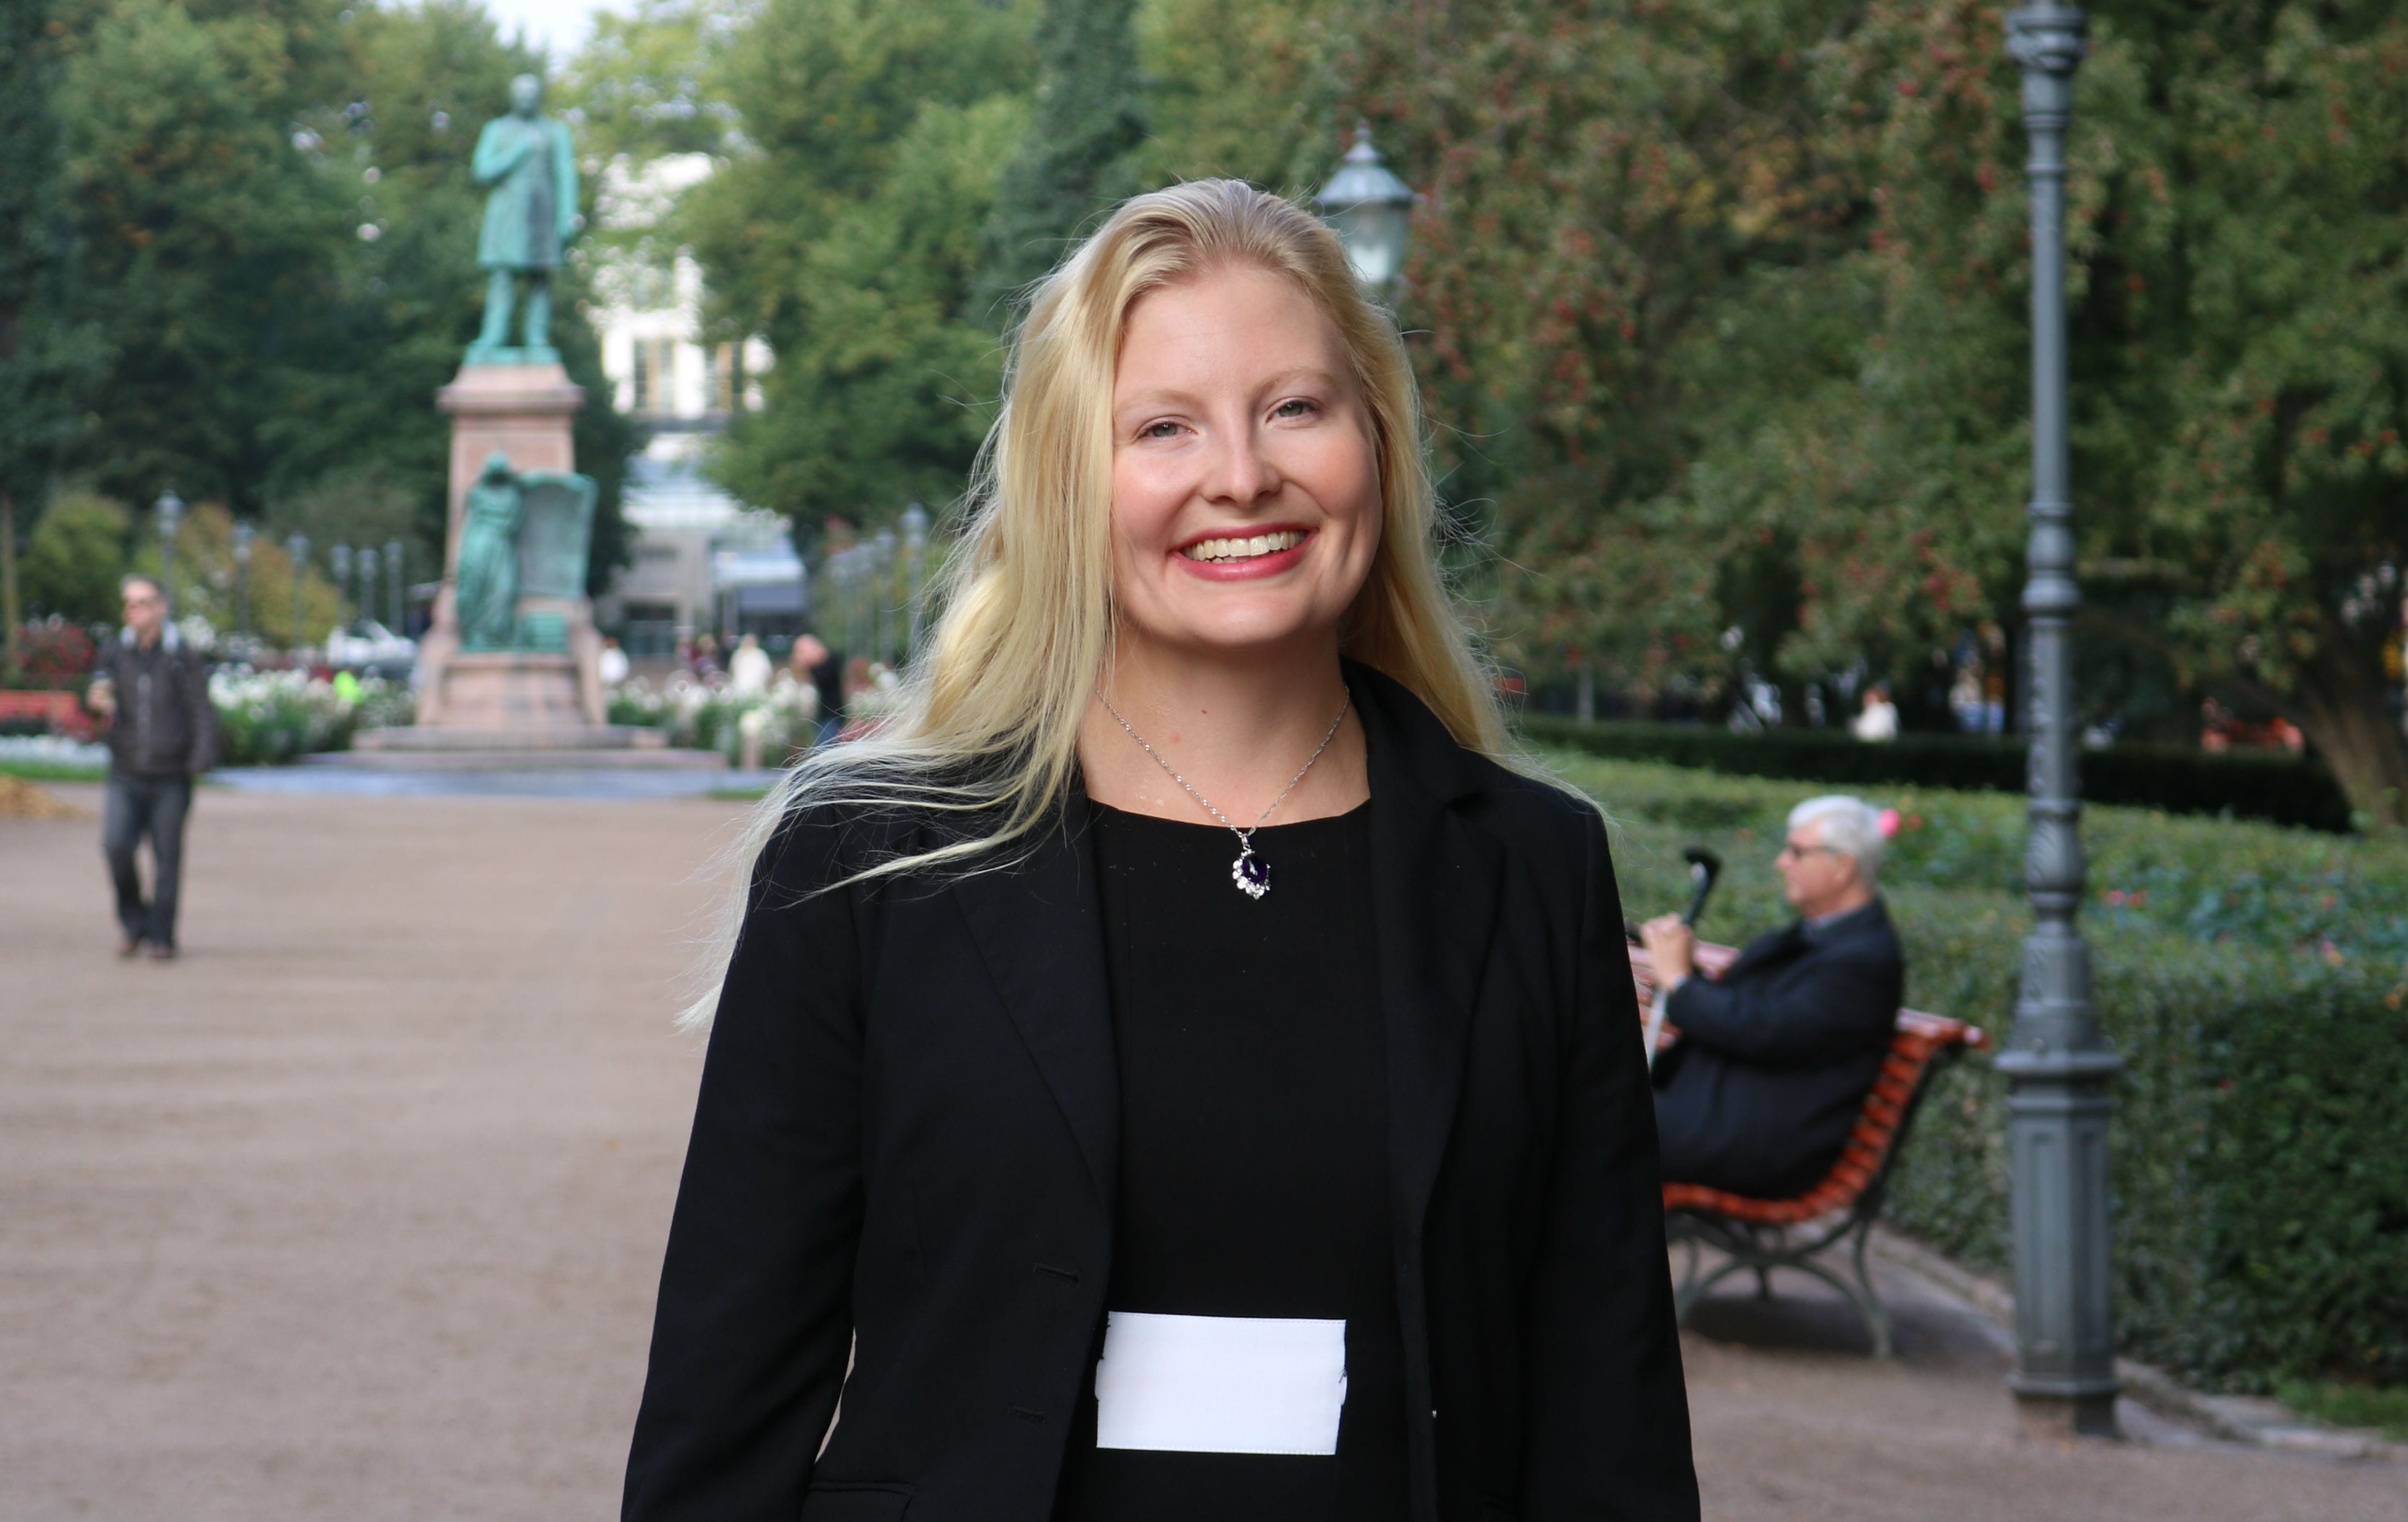 Reetta Peltola, Head of iProspect